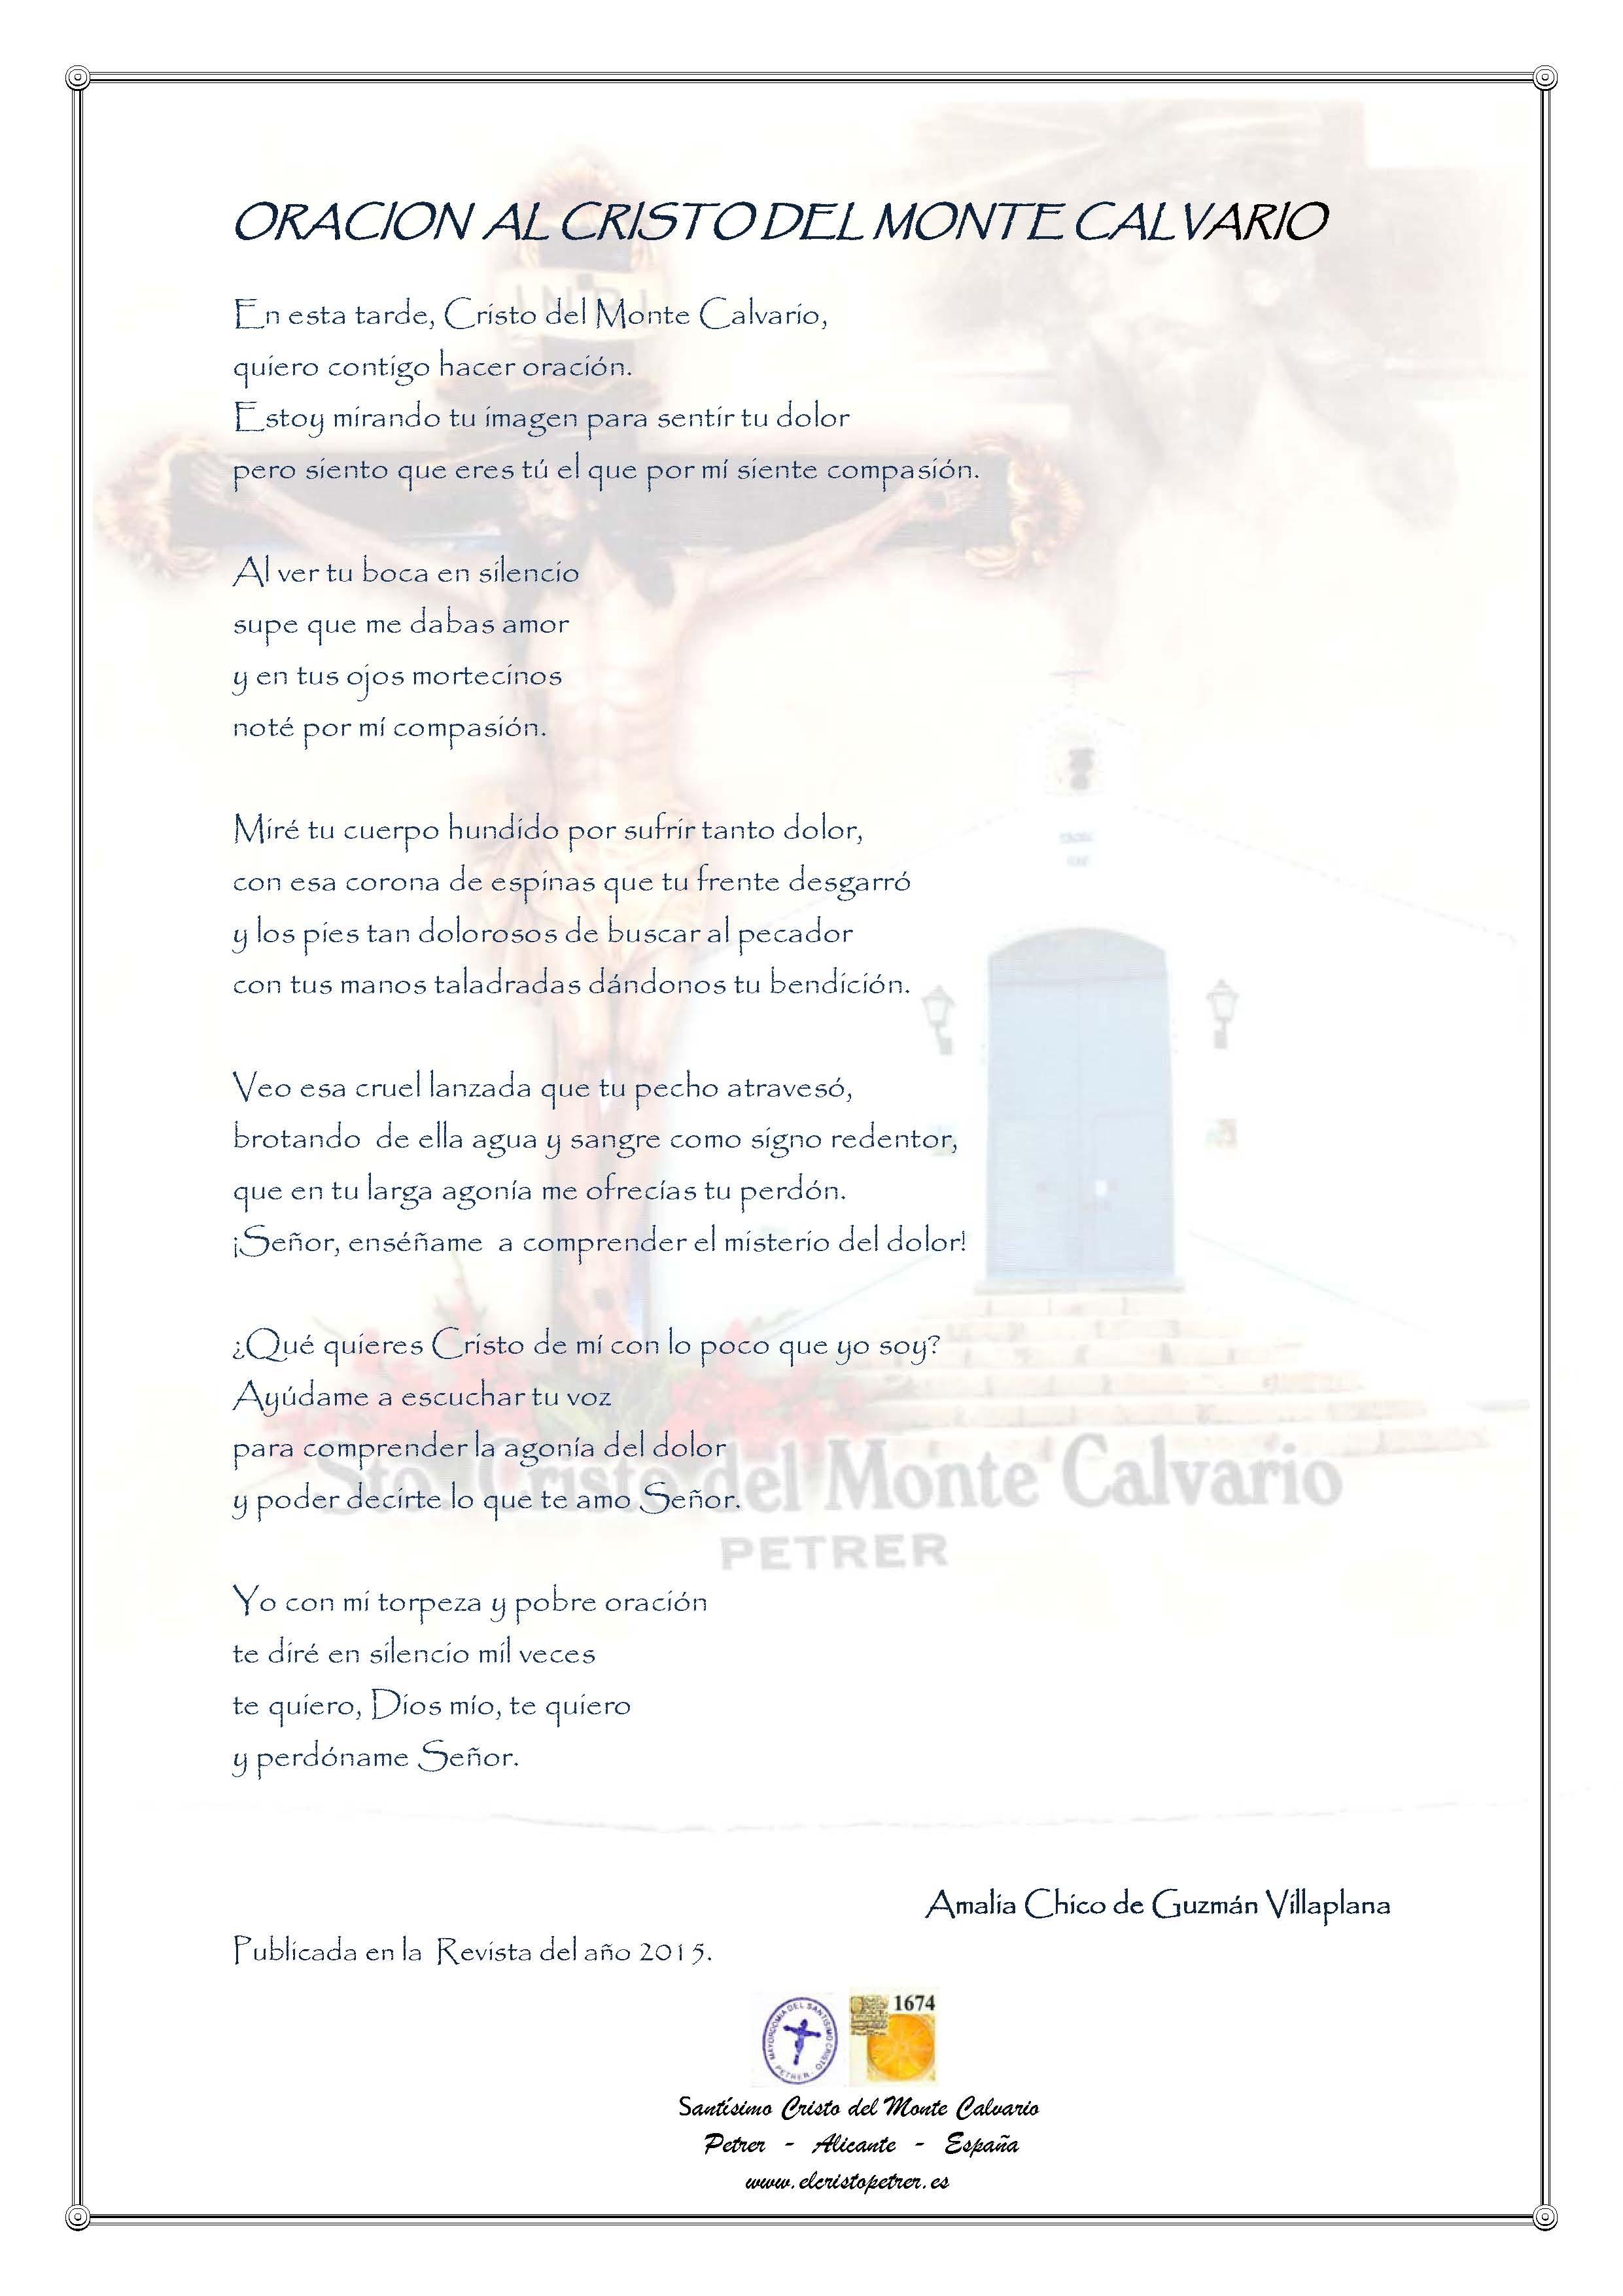 ElCristo - Oraciones - Chico de Guzman Villaplana, Amalia - Revista 2015 - Al Cristo del Monte Calvario